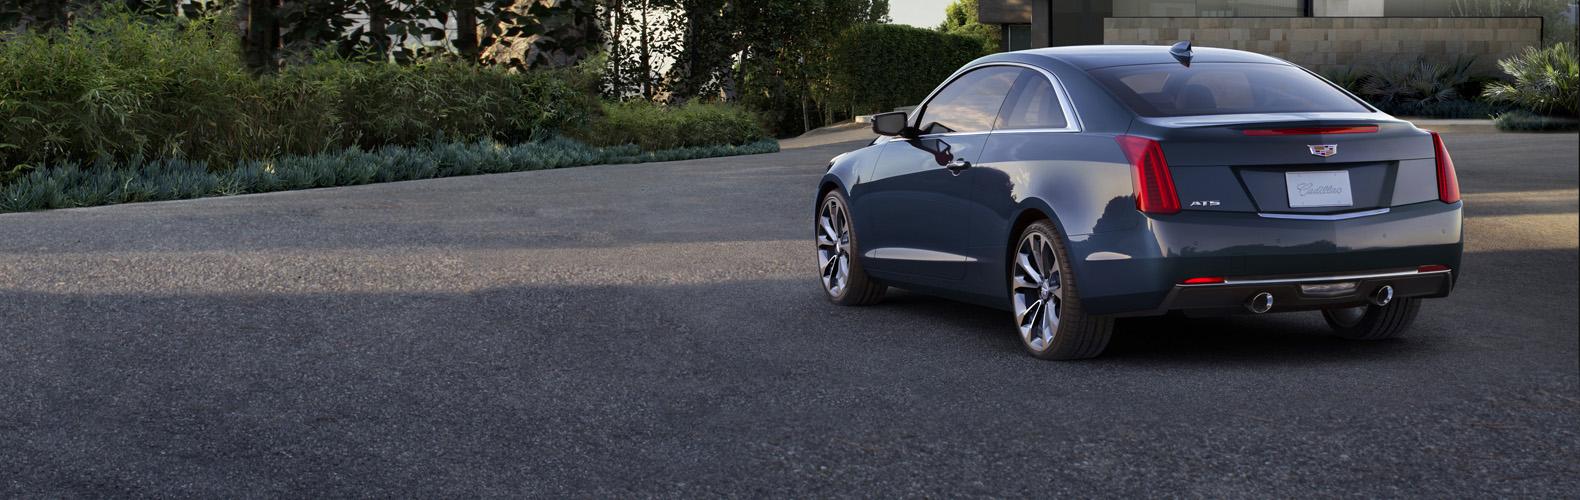 Cadillac ATS Coupe 2015, presencia y potencia unida